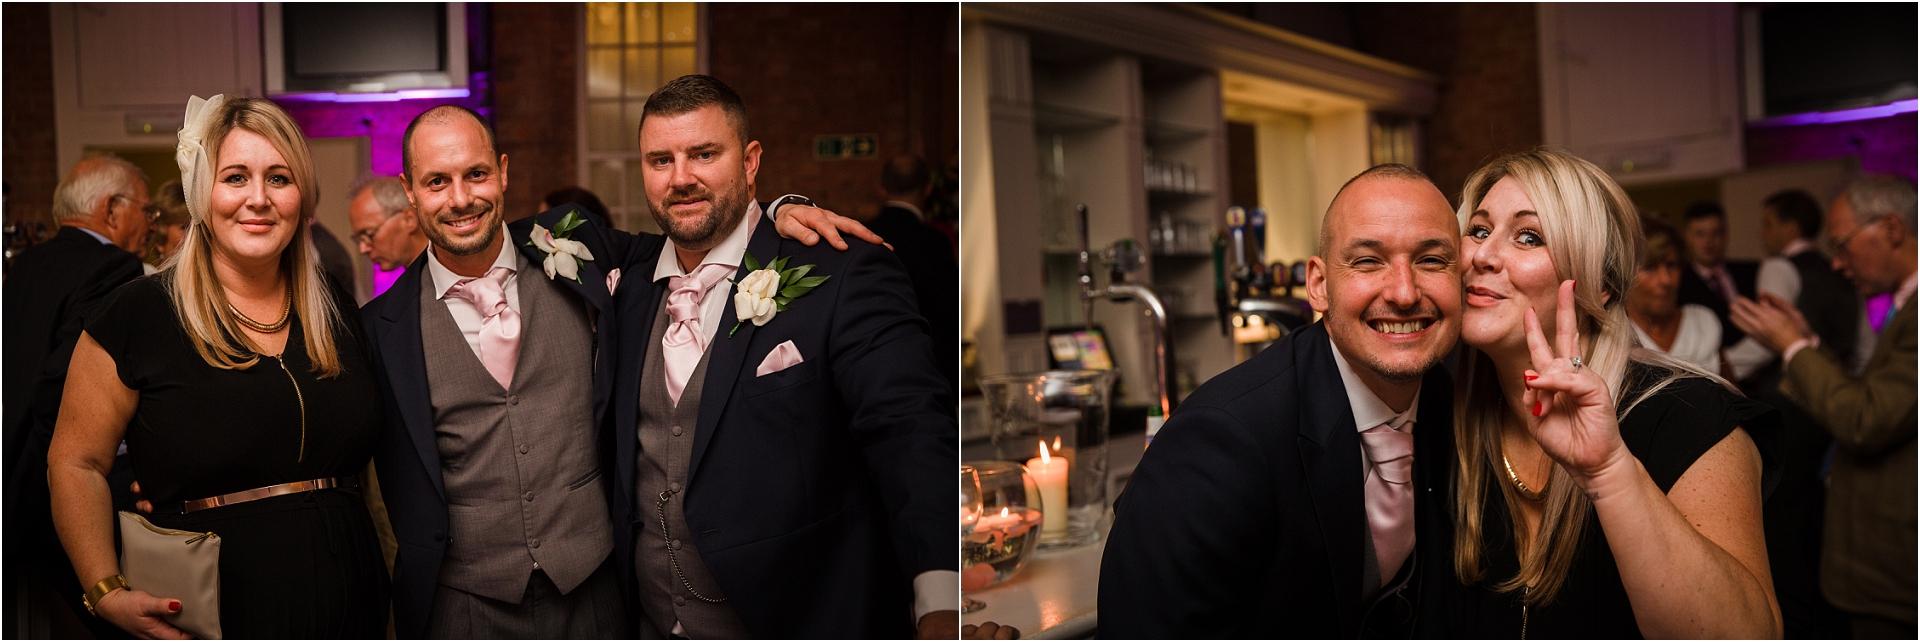 wedding-photography-norwood-park_0092